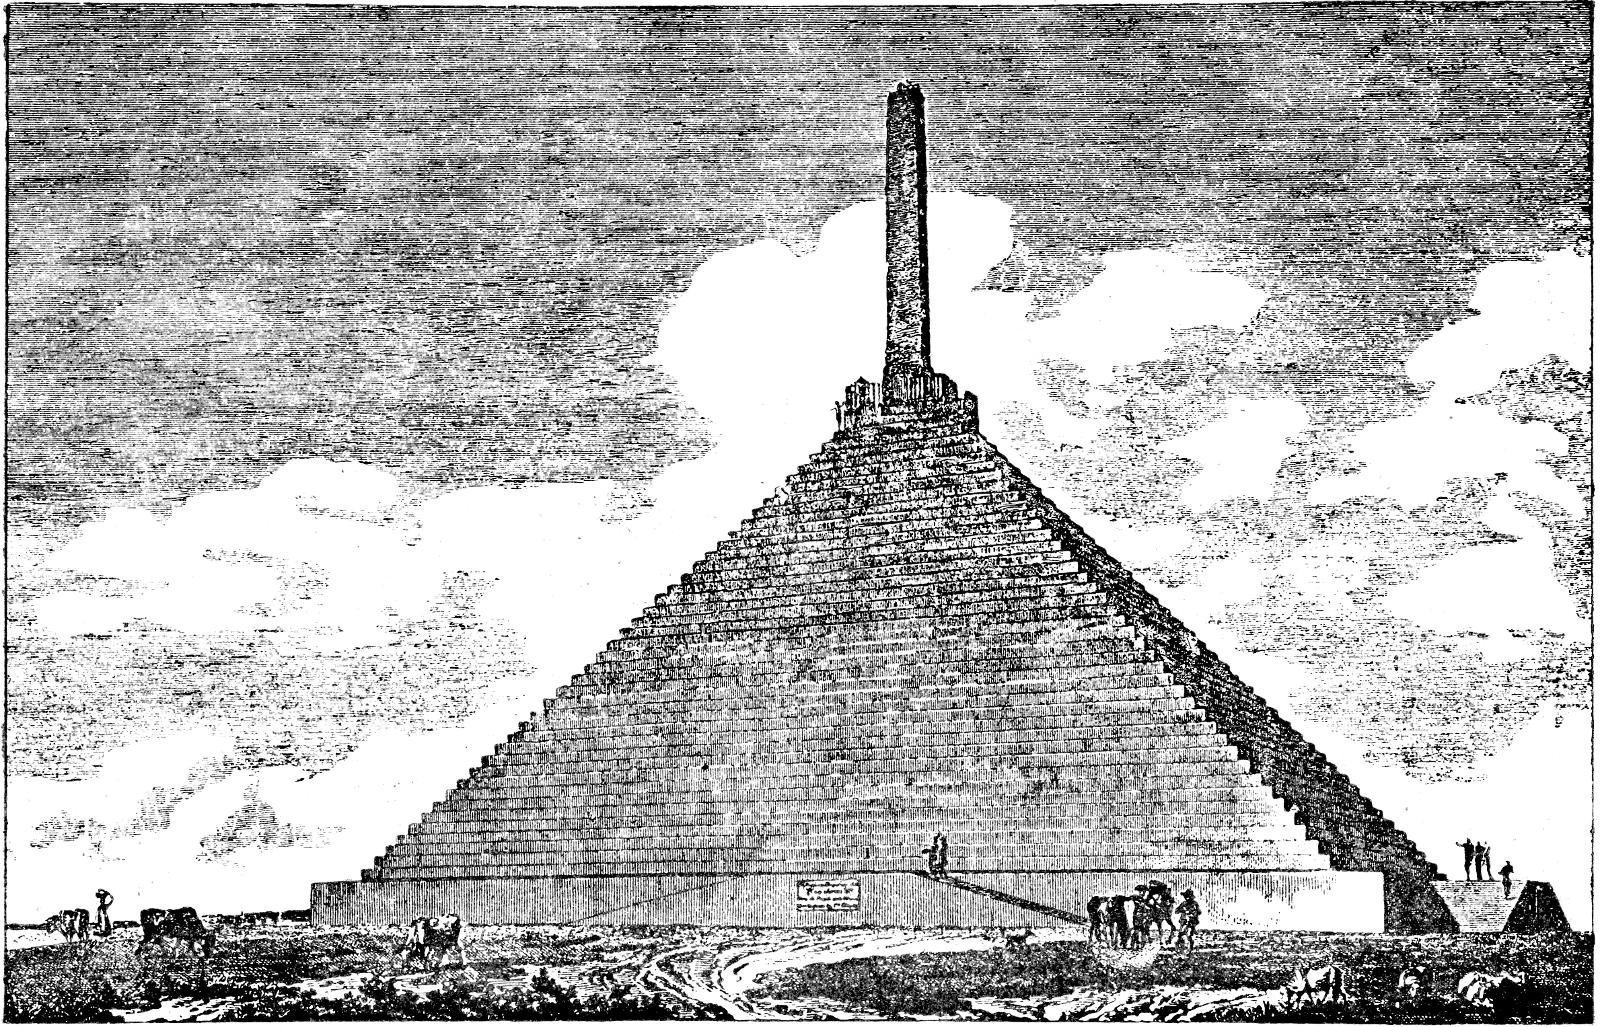 Пирамида в 1805 г. Изображение Wikimedia